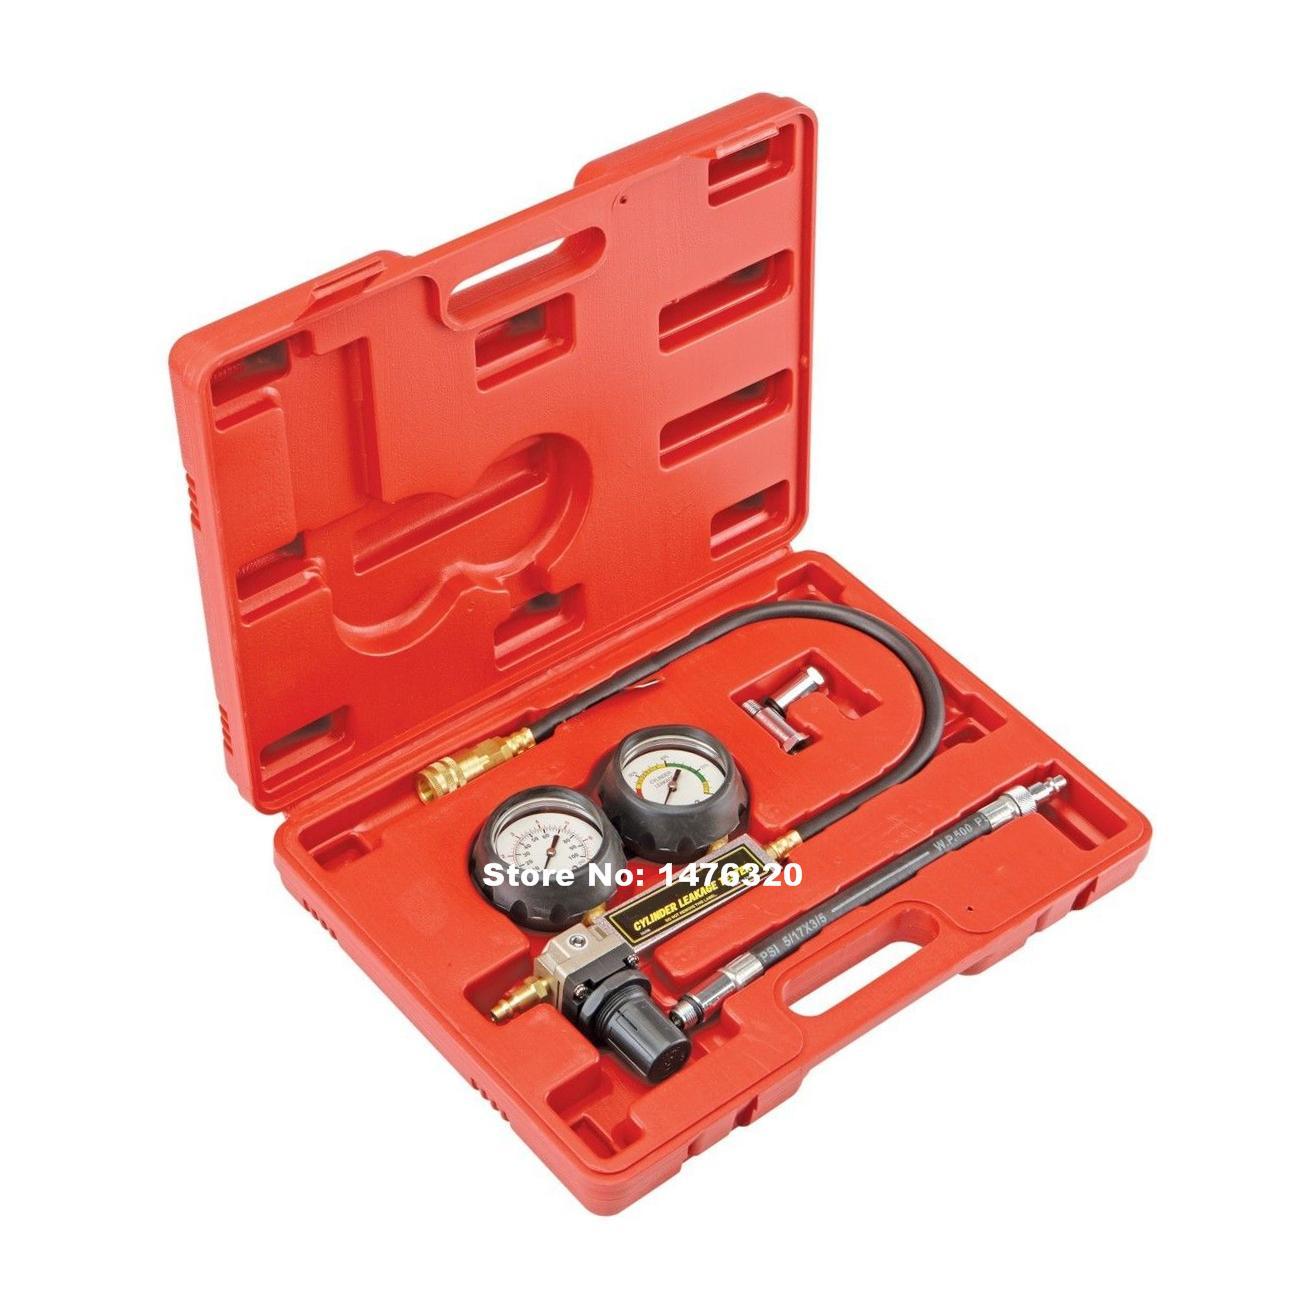 Car Petrol Engine Cylinder Compression Leakdown Diagnostic Tester Gauge Tool Set AT2199  fuel injection pressure car gauge petrol engine set dual scale cylinder compression carburetor pressure diagnostic tool tester